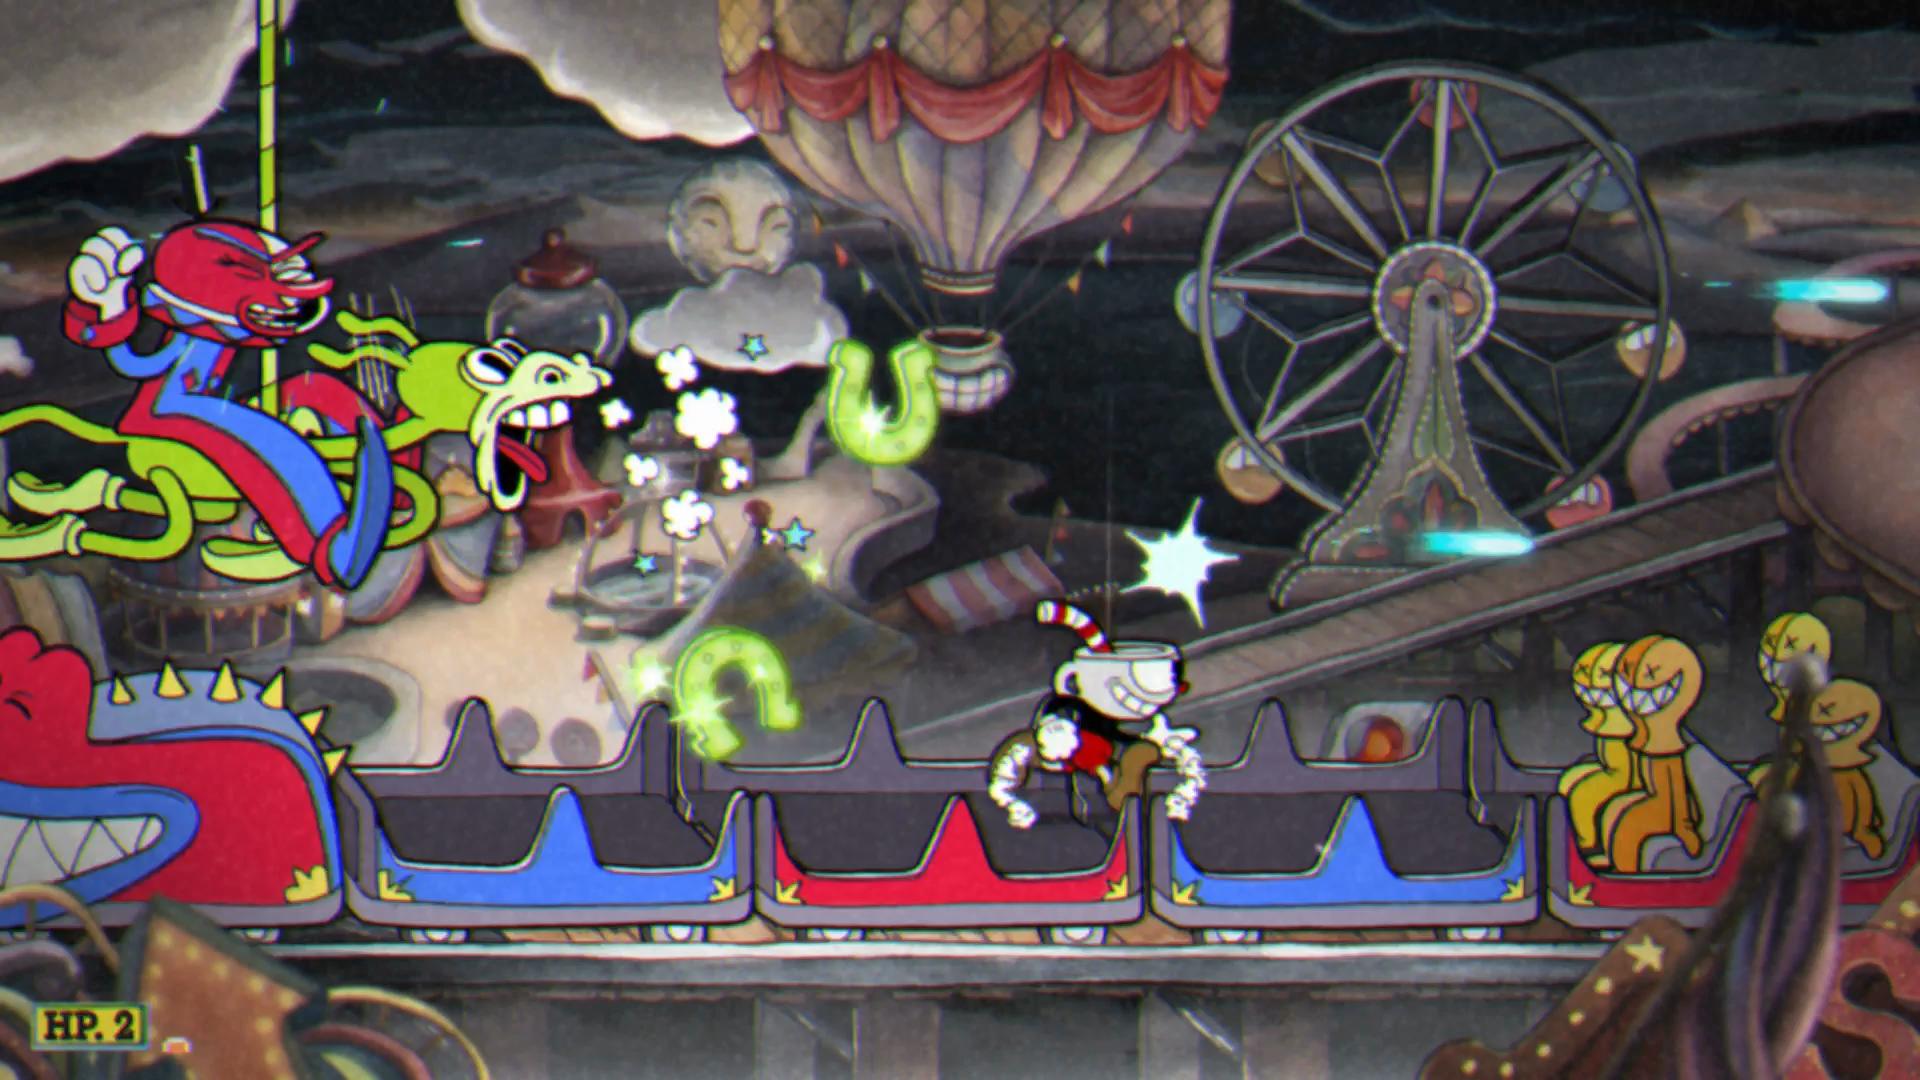 Imagem do jogo Cuphead: Don't Deal with the Devil, que mostra uma batalha de mestre contra o palhaço Beppi. O jogo é inspirado em desenhos animados das décadas de 20 e 30.